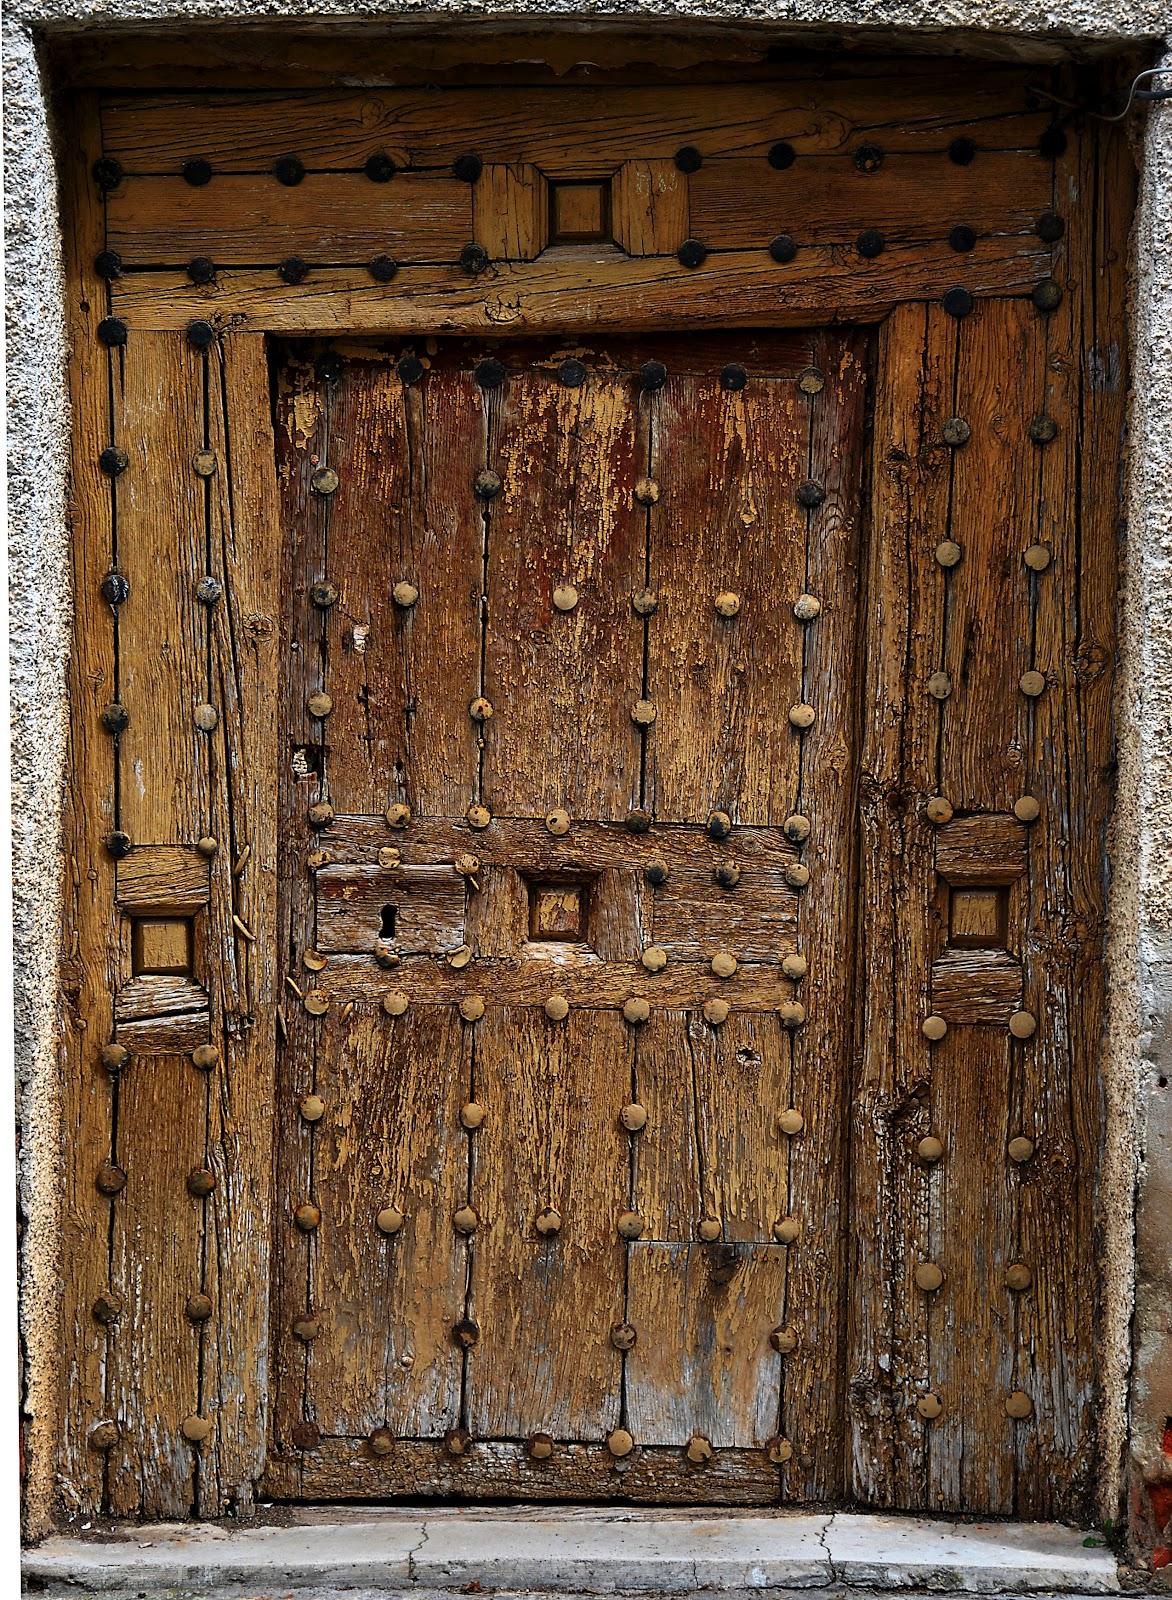 El oriente express marzo 2013 for Puertas grandes antiguas